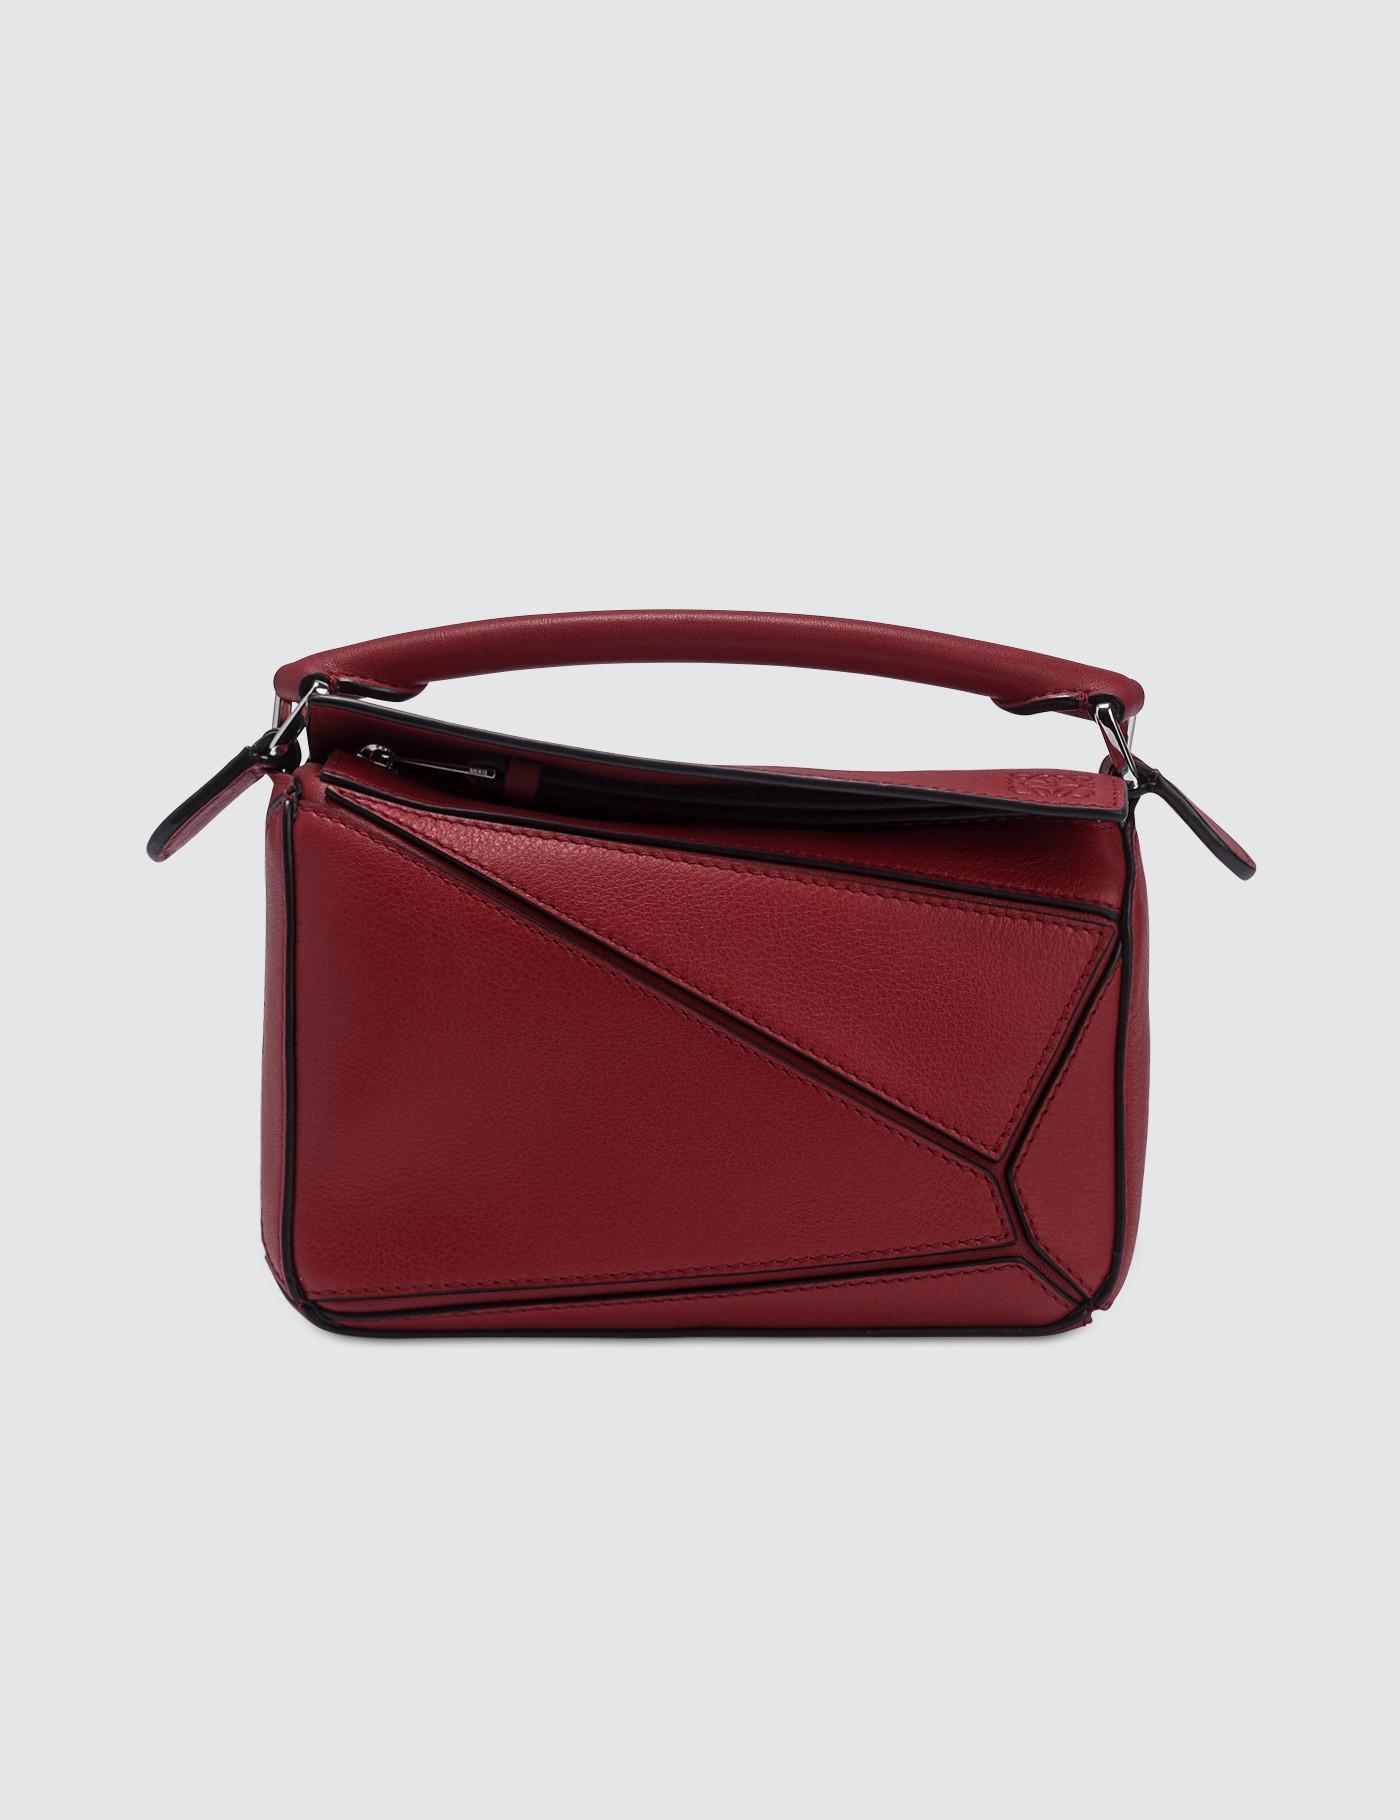 70c150782056 Loewe Puzzle Mini Bag in Red - Lyst